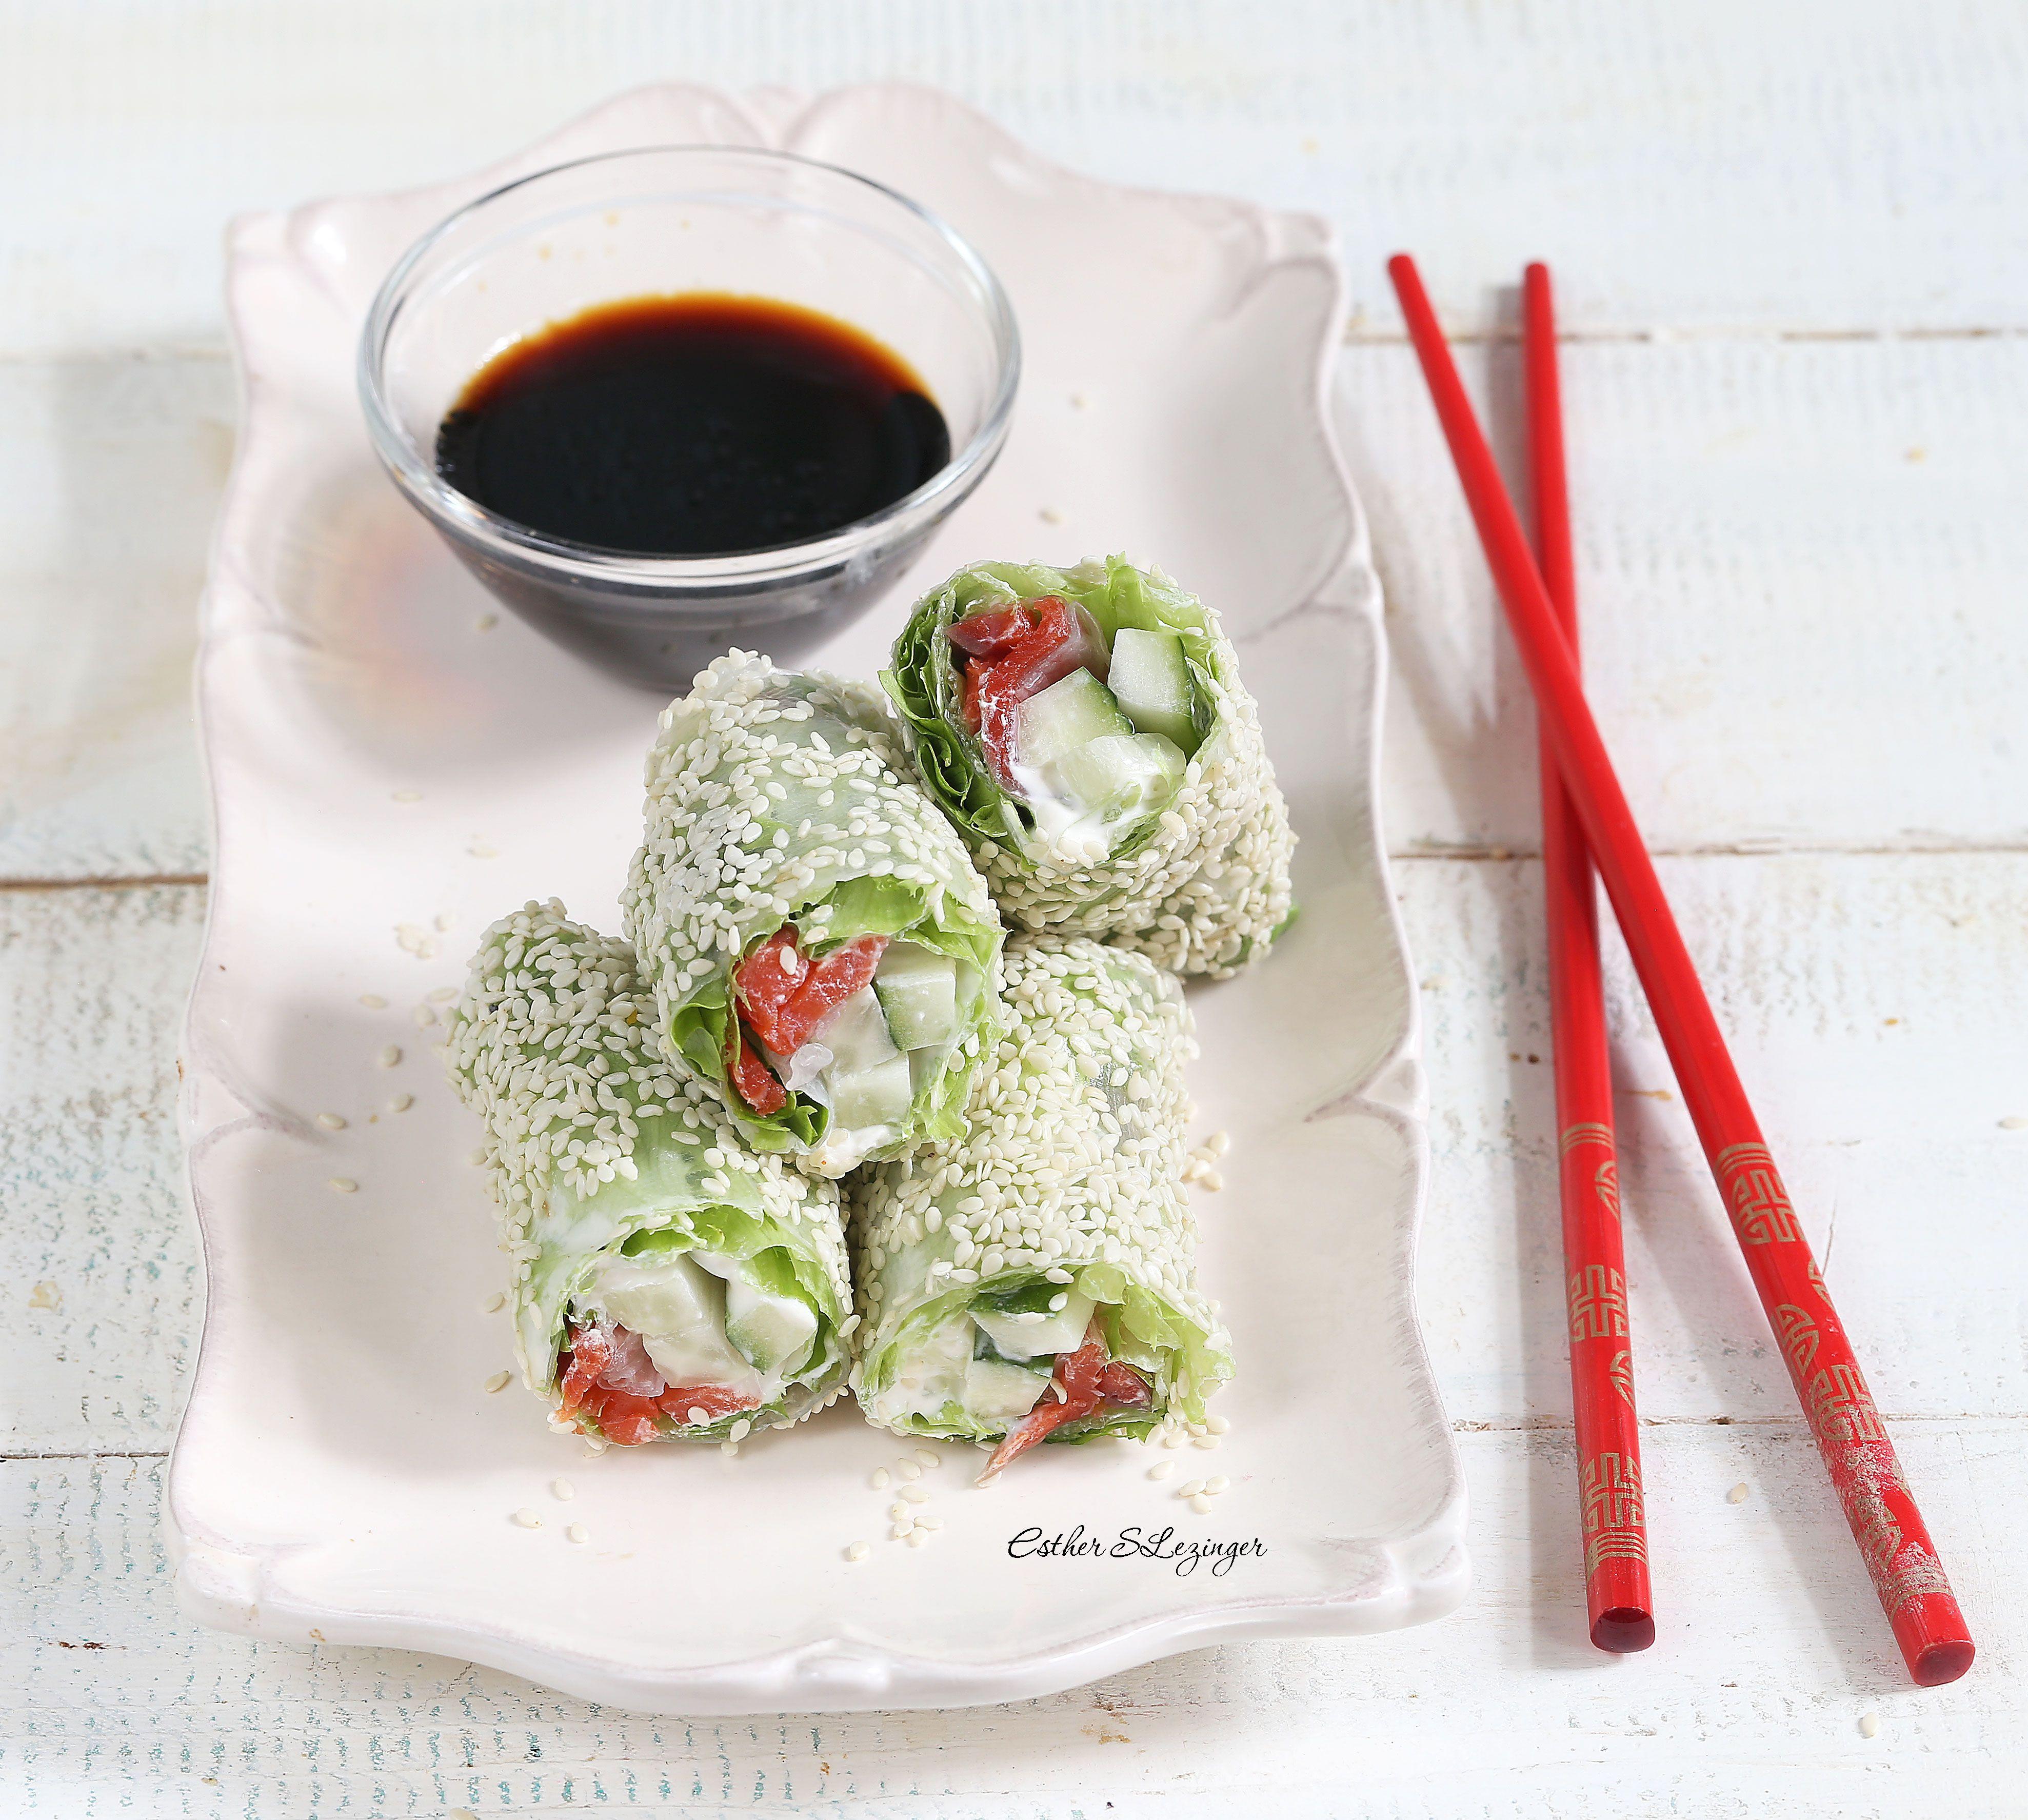 Полезная закуска: спринг-роллы с красной рыбой и овощами | Рецепты ...